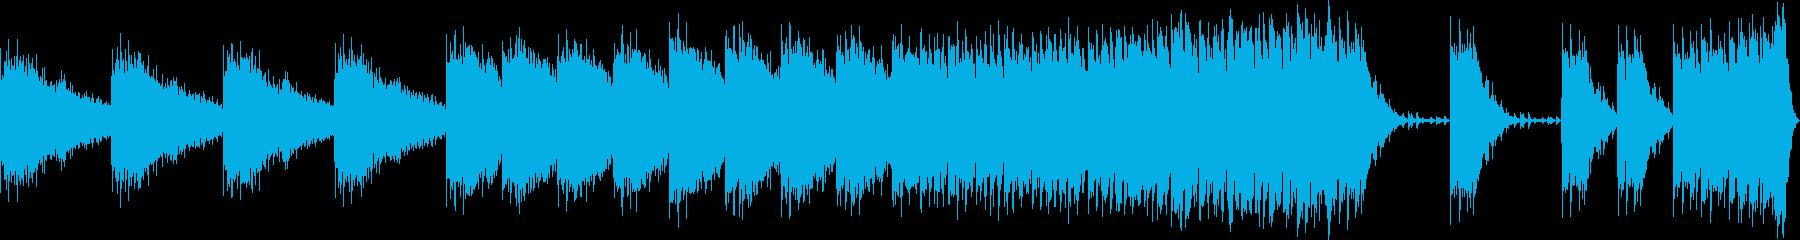 始まりを予兆するかのようなBGMの再生済みの波形